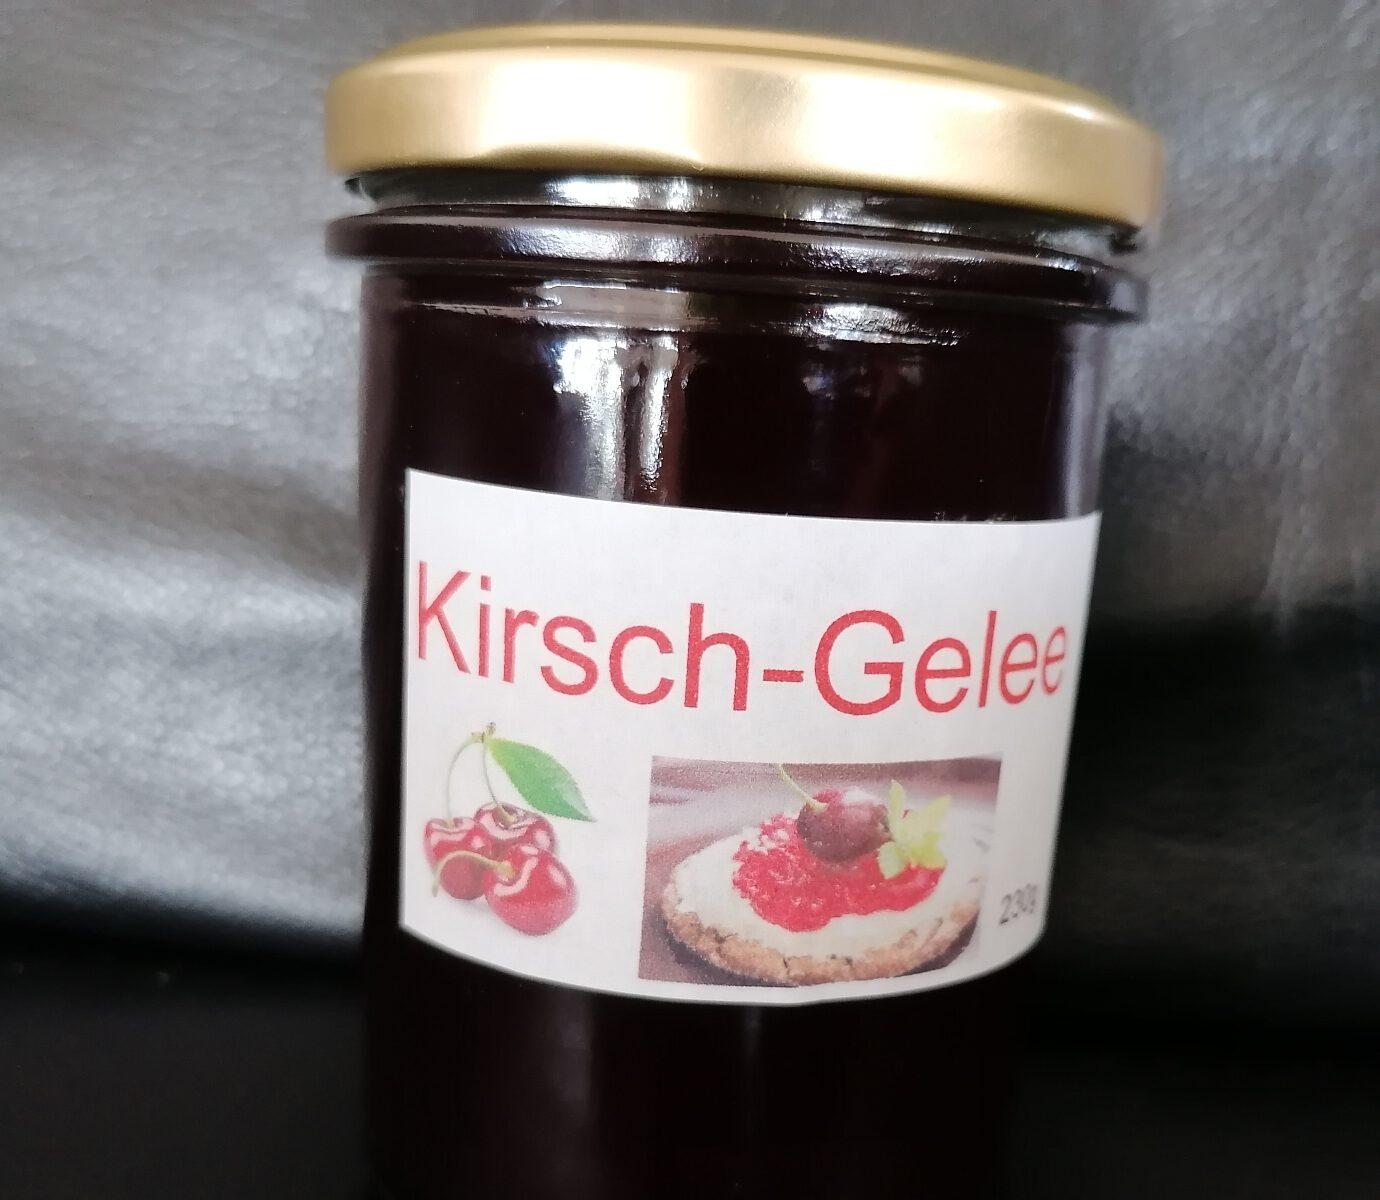 Kischgelee